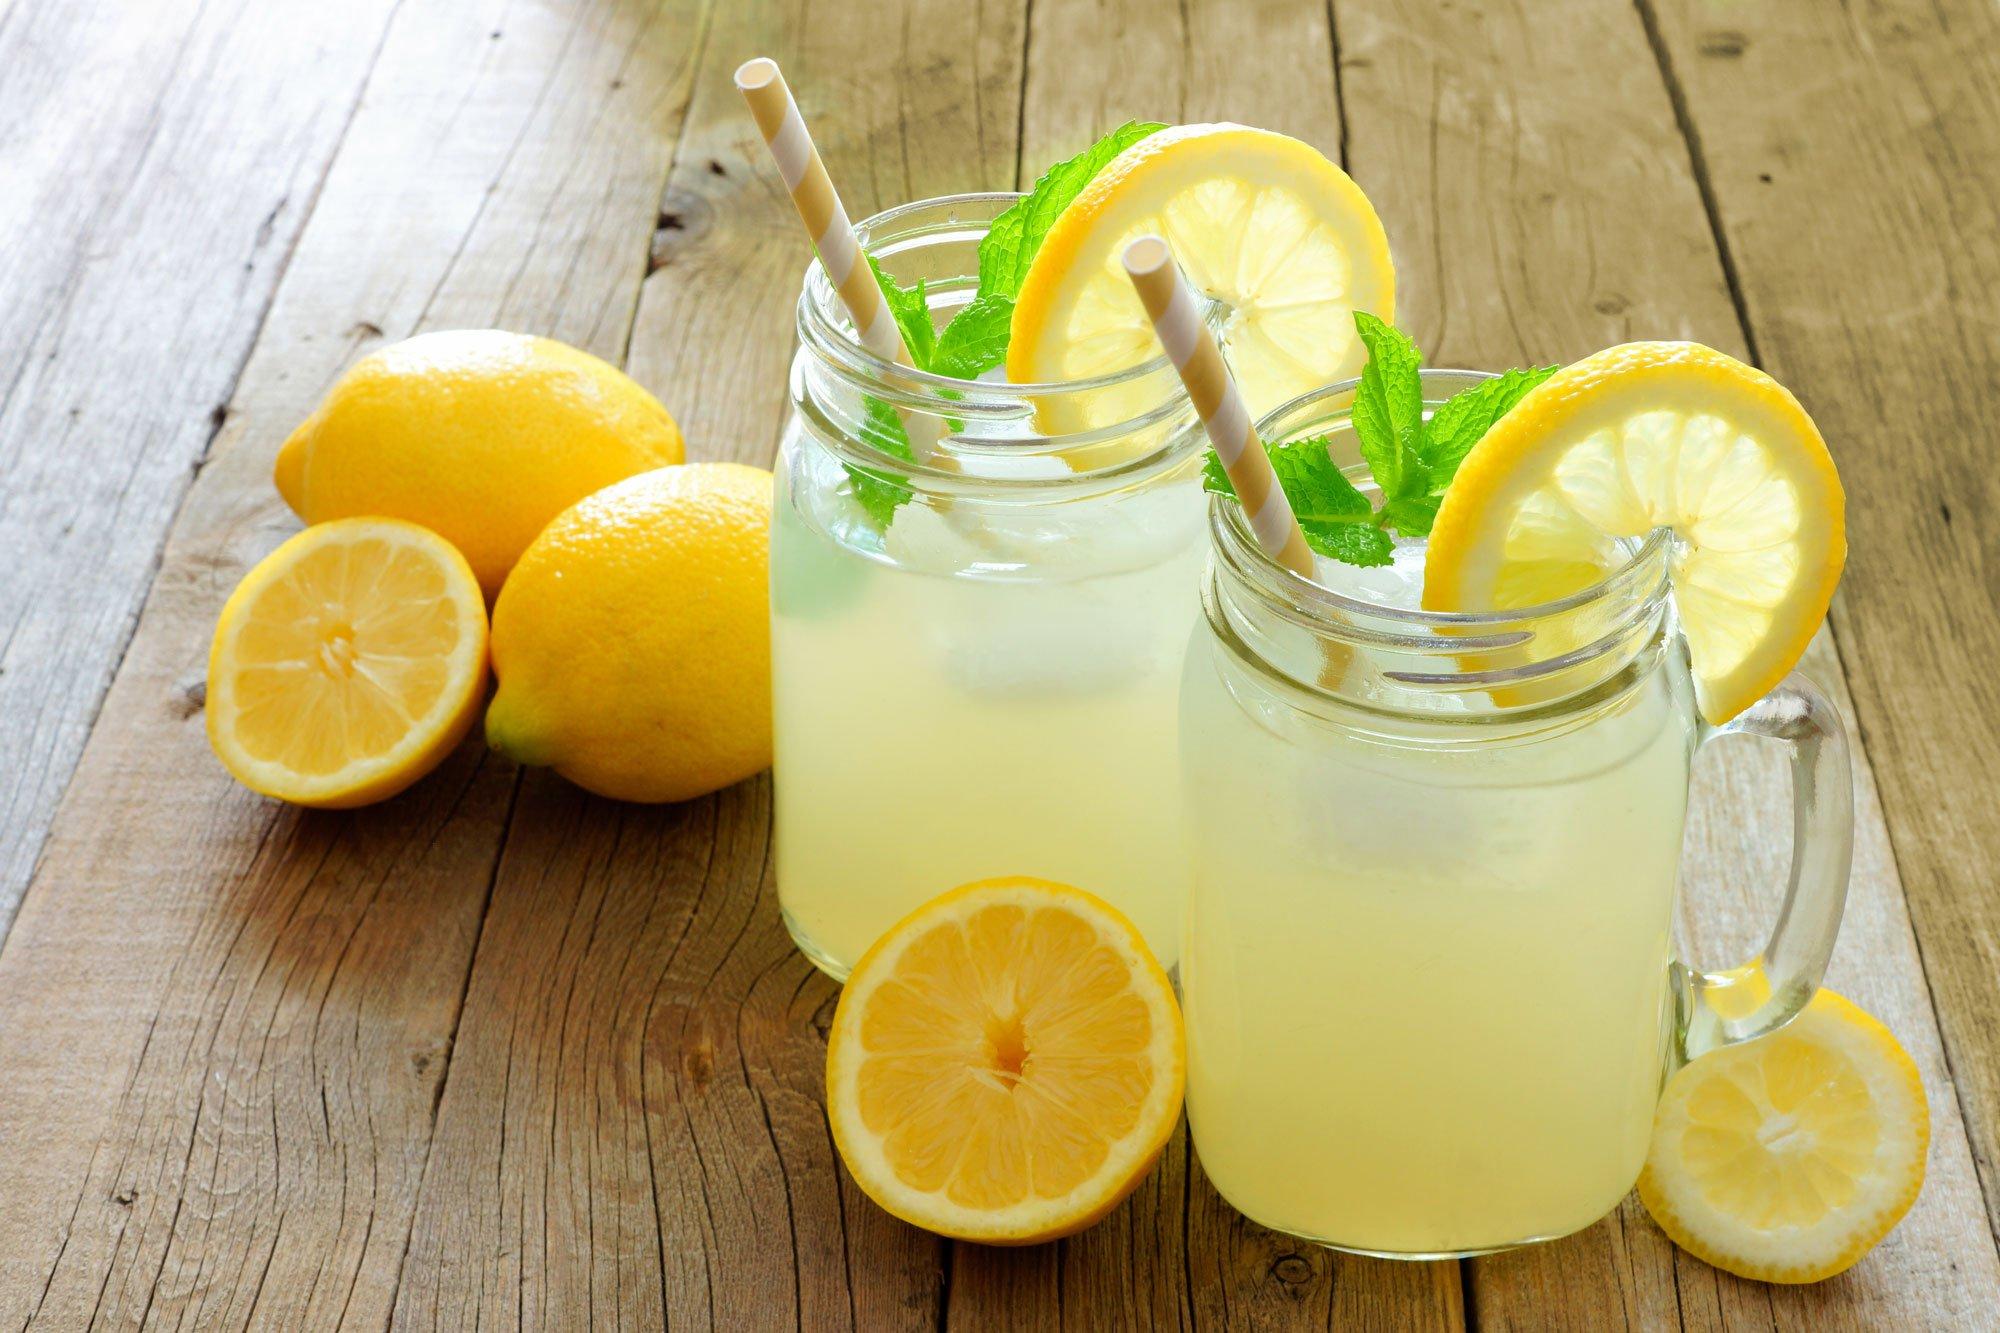 Two Glasses Of Lemonade